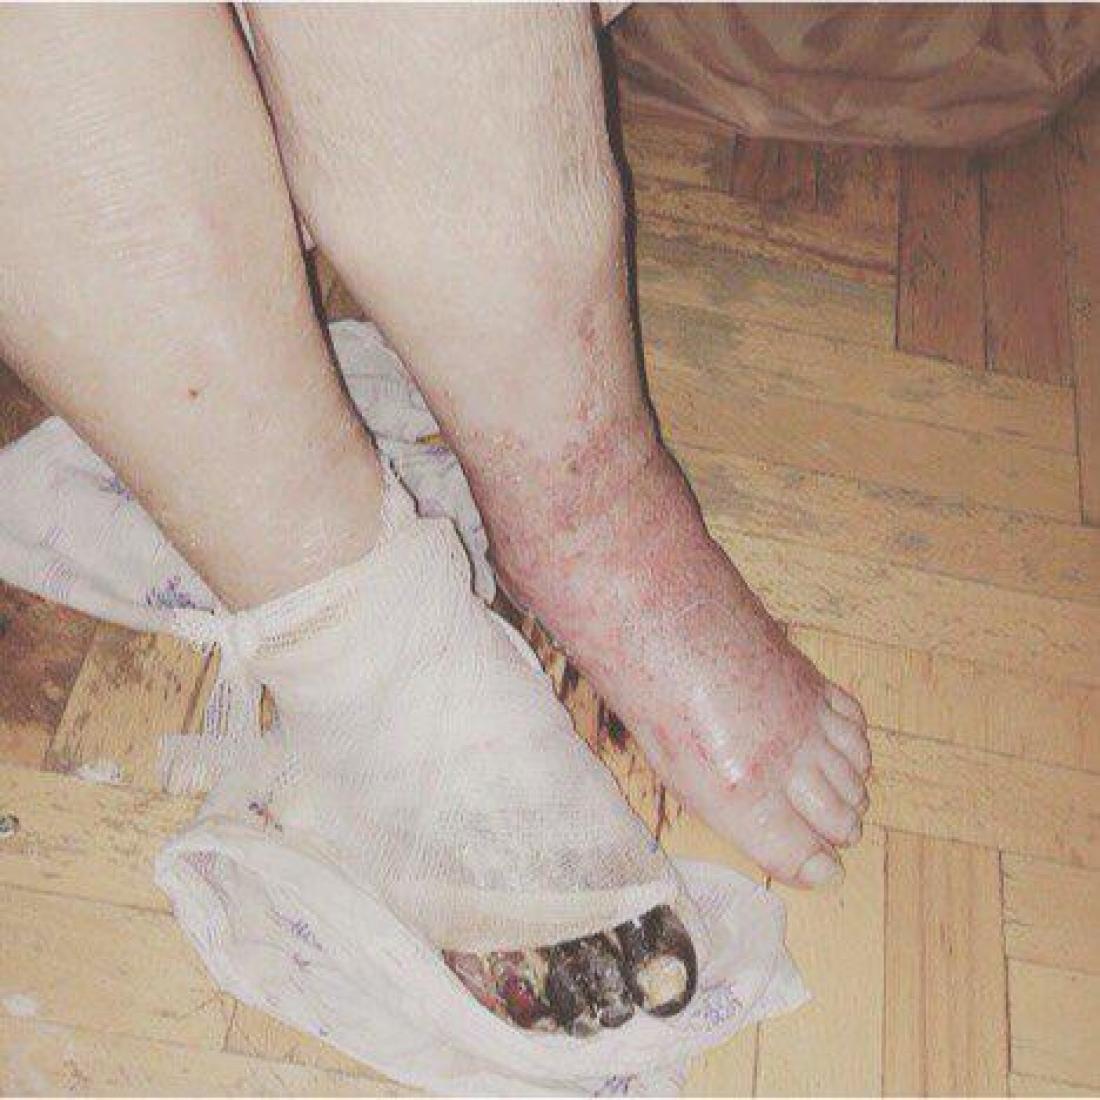 Сначала медики отрезали здоровую ногу, а пораженную гангреной конечность оставили